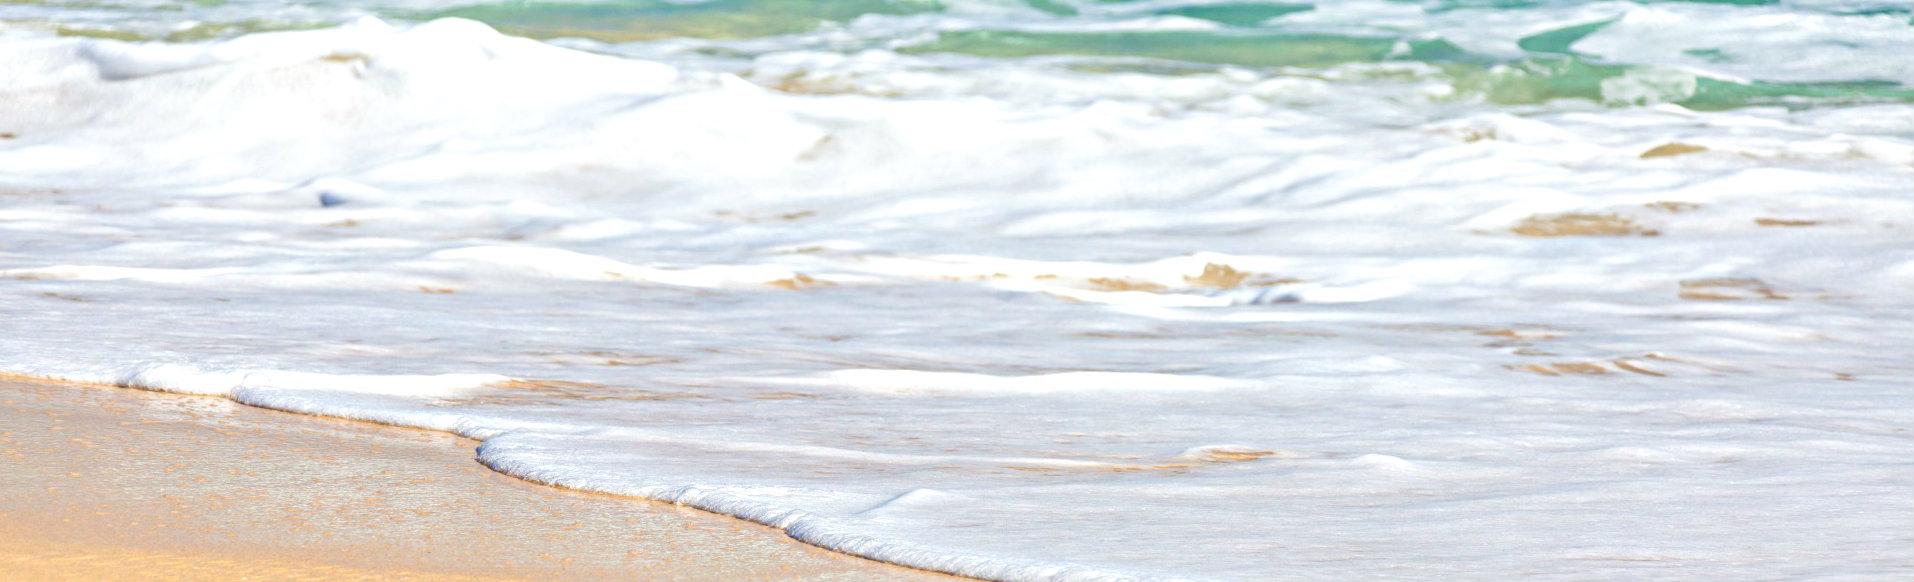 Foamy waves on beach shore